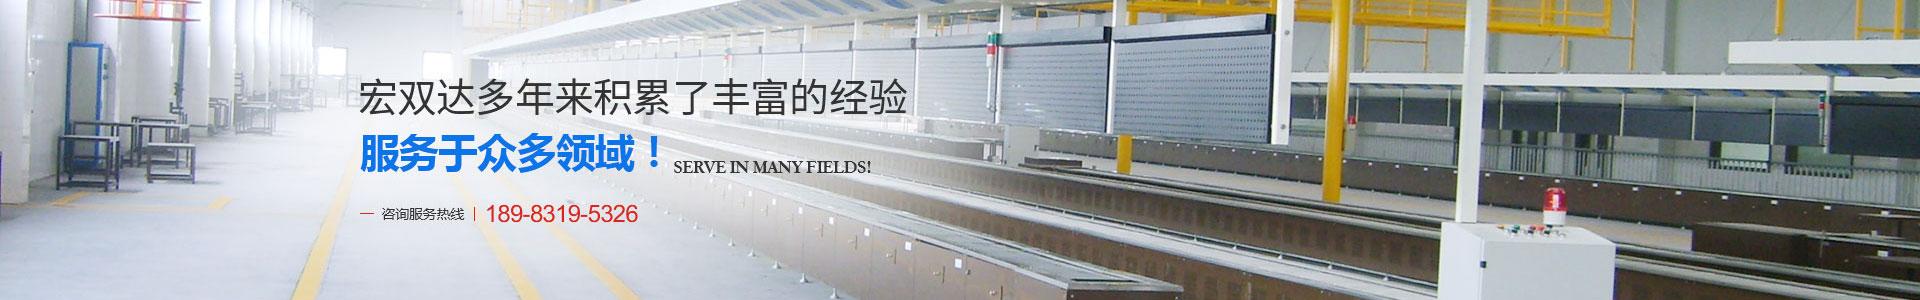 重庆非标自动化设备